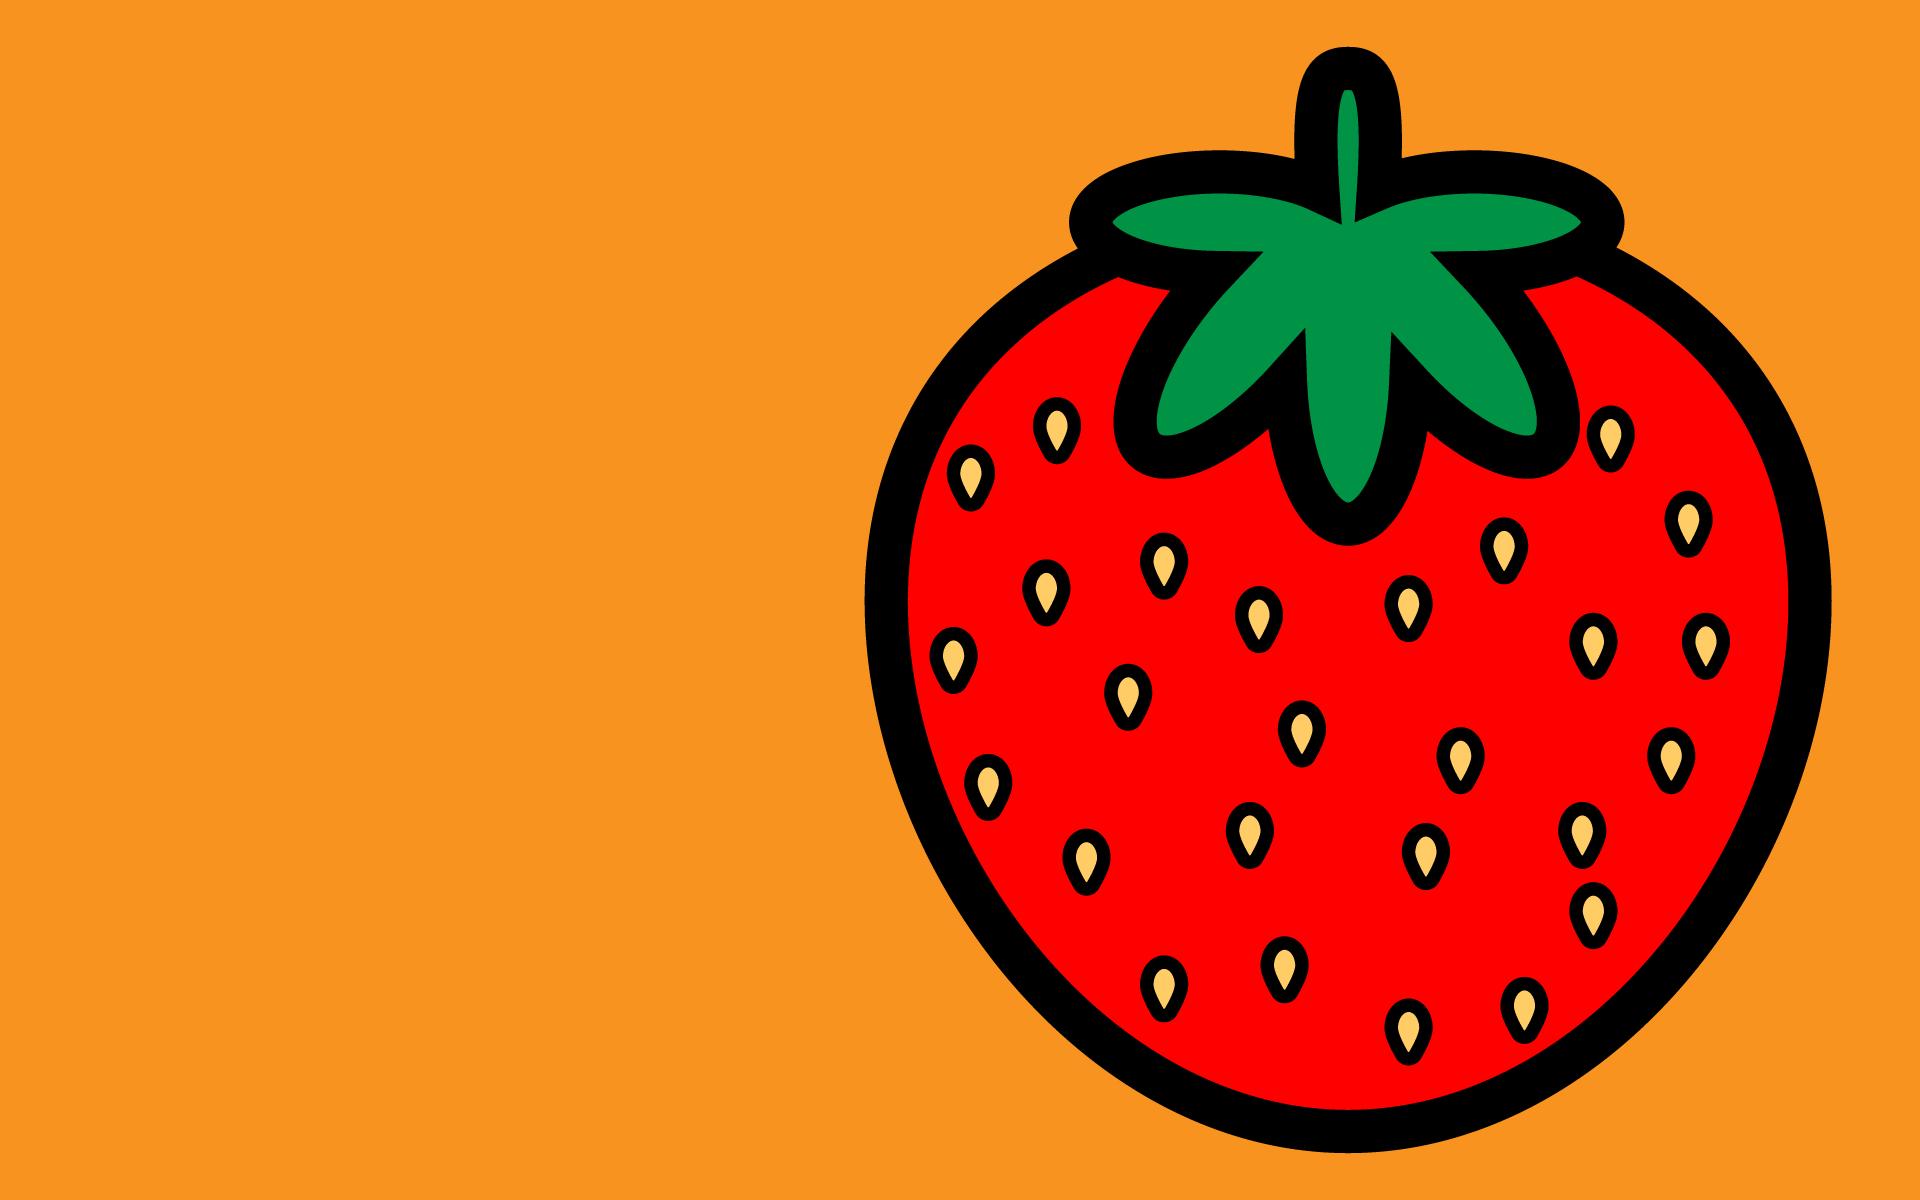 かわいいイチゴ壁紙(PC)の無料イラスト・商用フリー